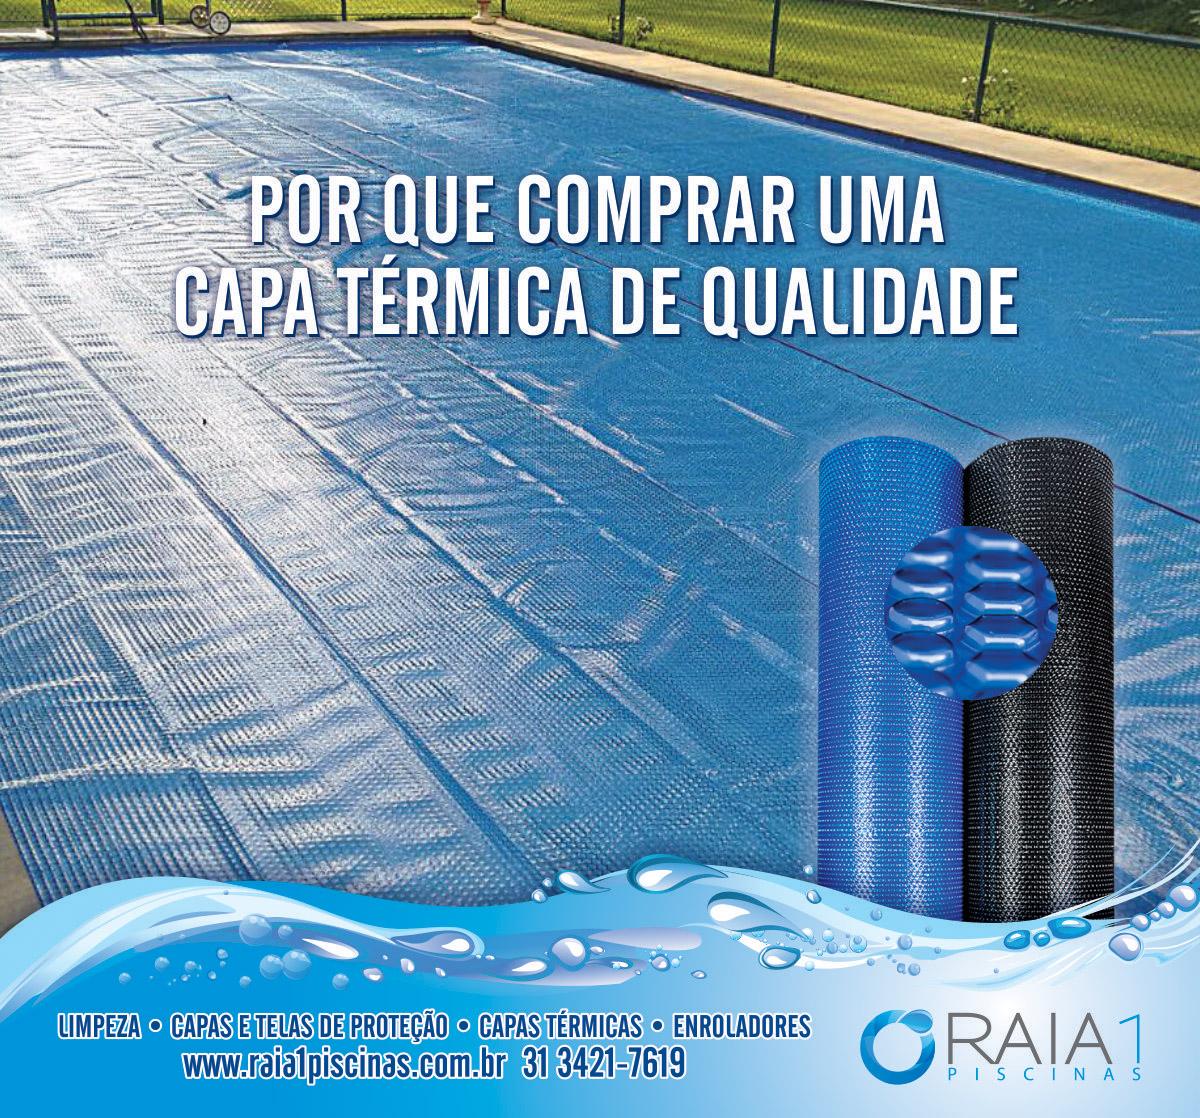 por-que-comprar-capa-térmica-para-piscina-de-qualidade em bh